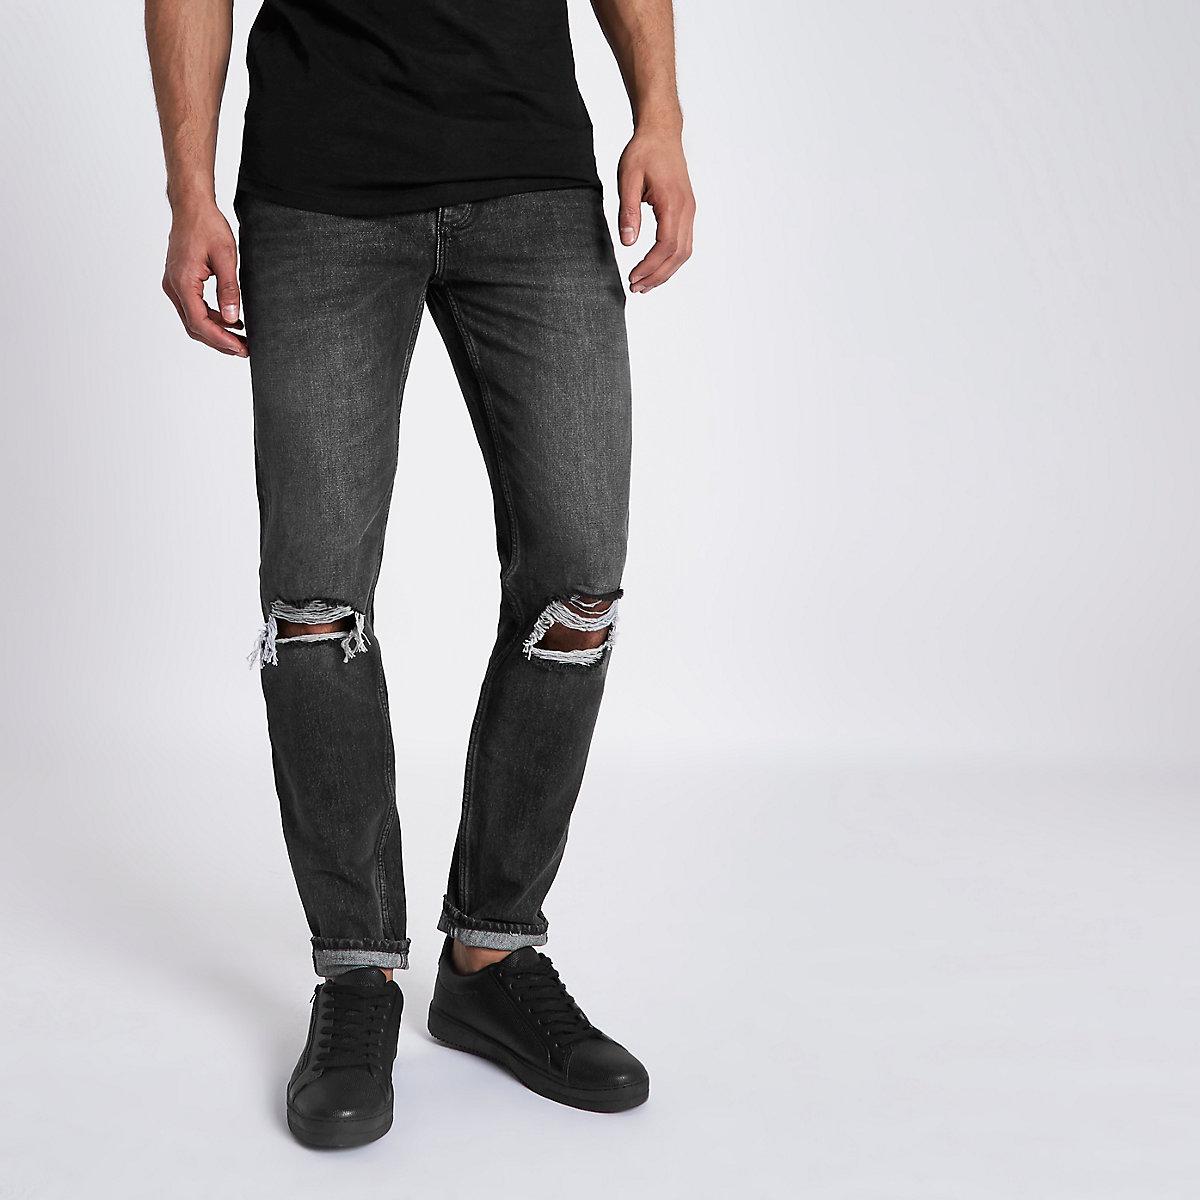 Black Roy warp distressed skinny jeans